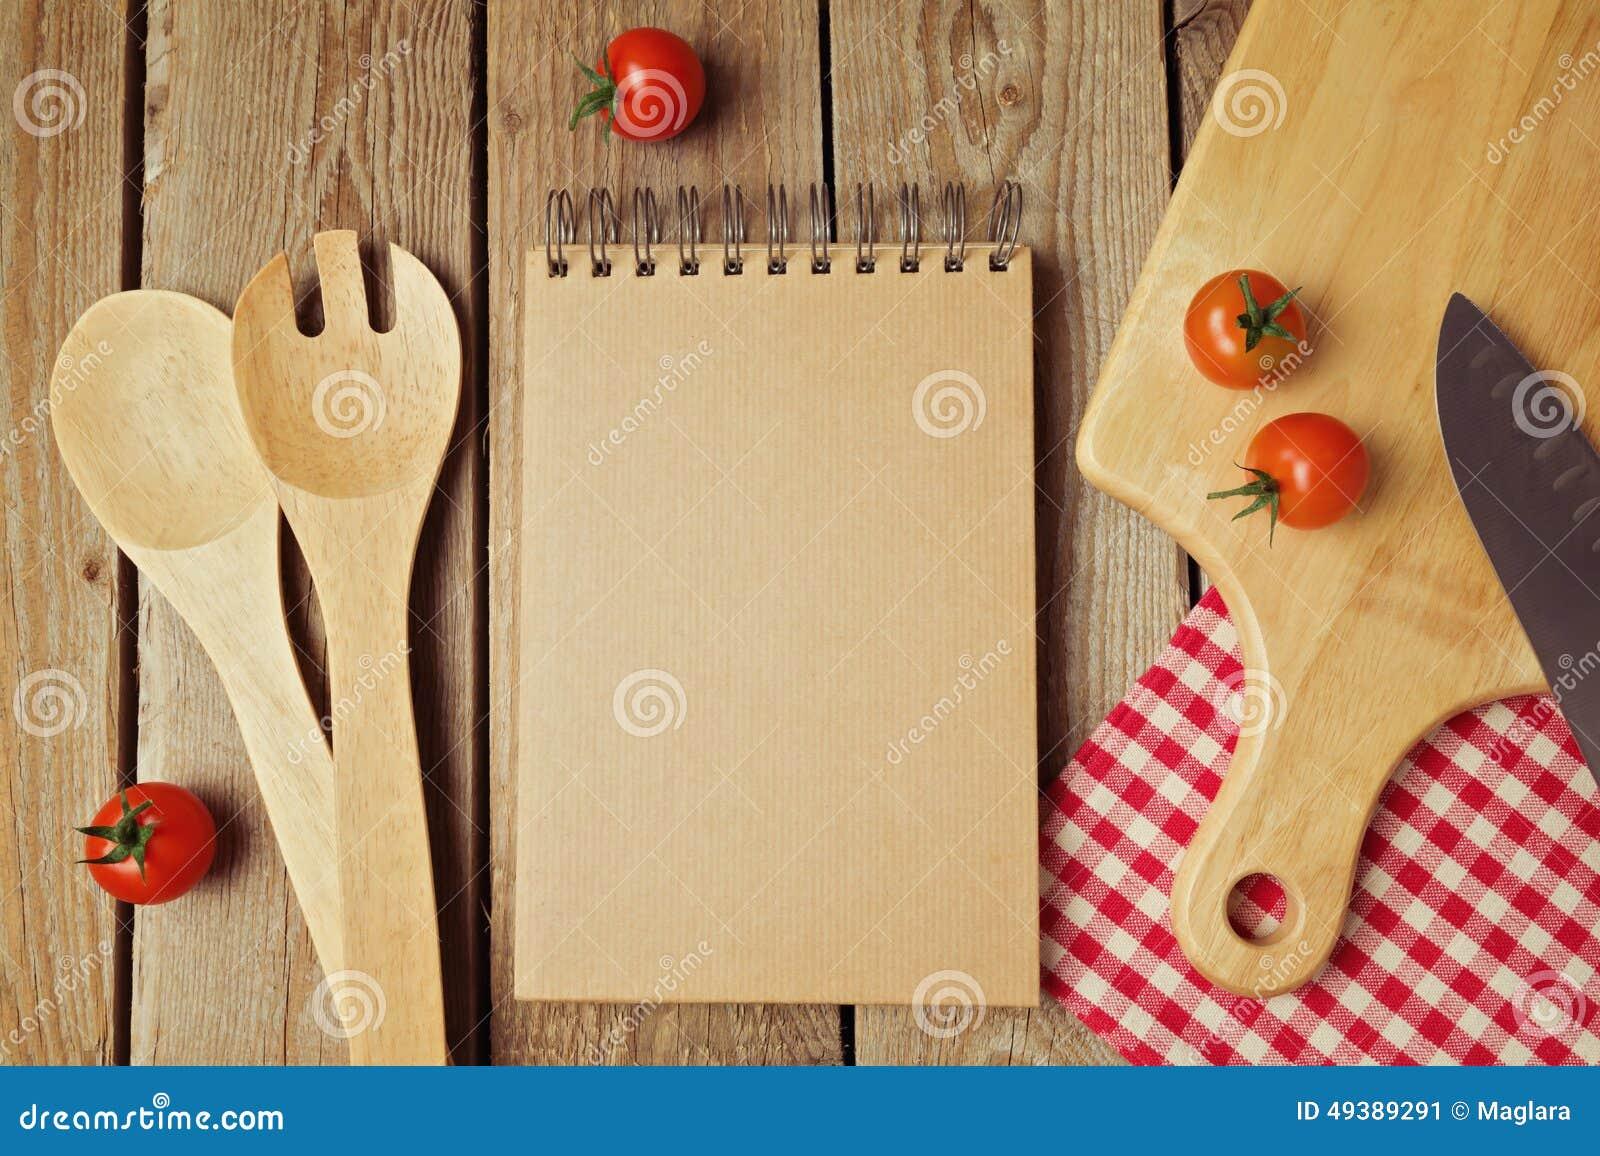 Блокнот картона с утварями кухни на деревянном столе над взглядом